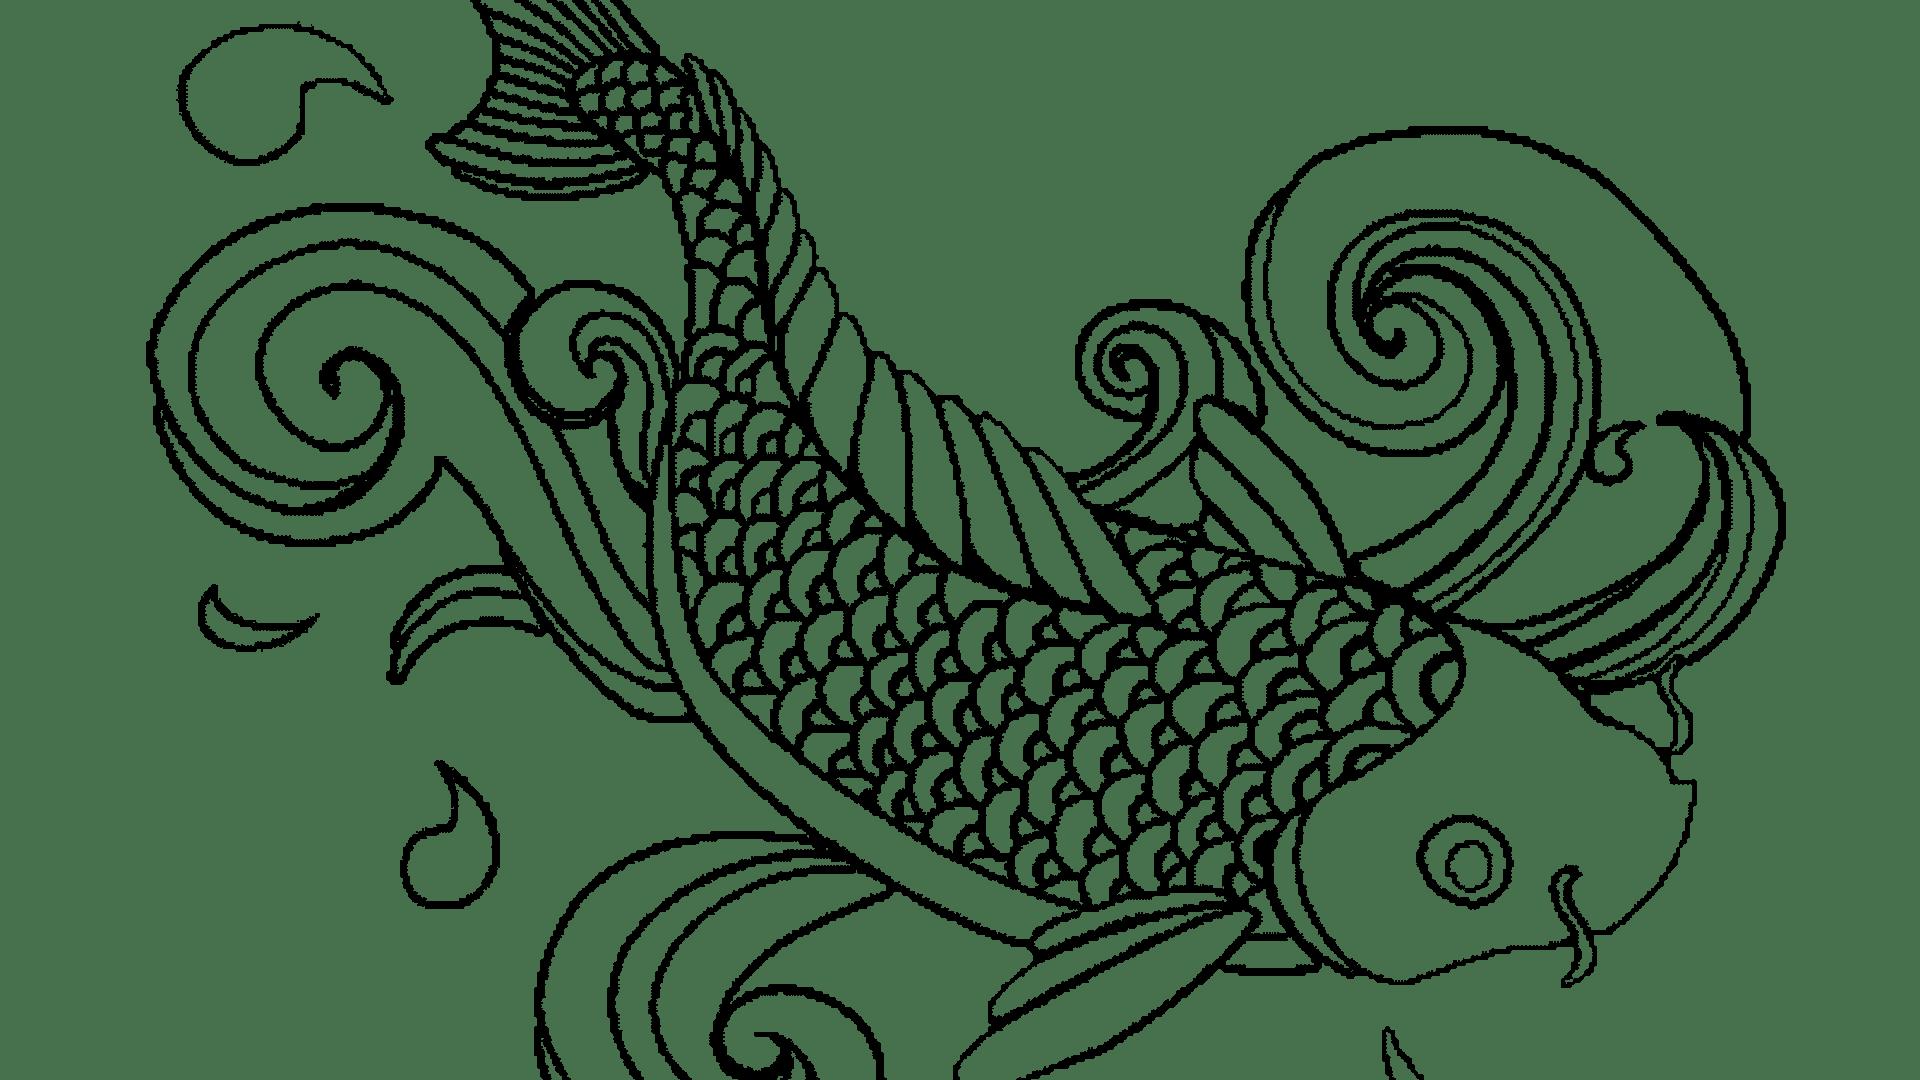 Unbelievable cute fish leversetdujour. Goldfish clipart coloring page